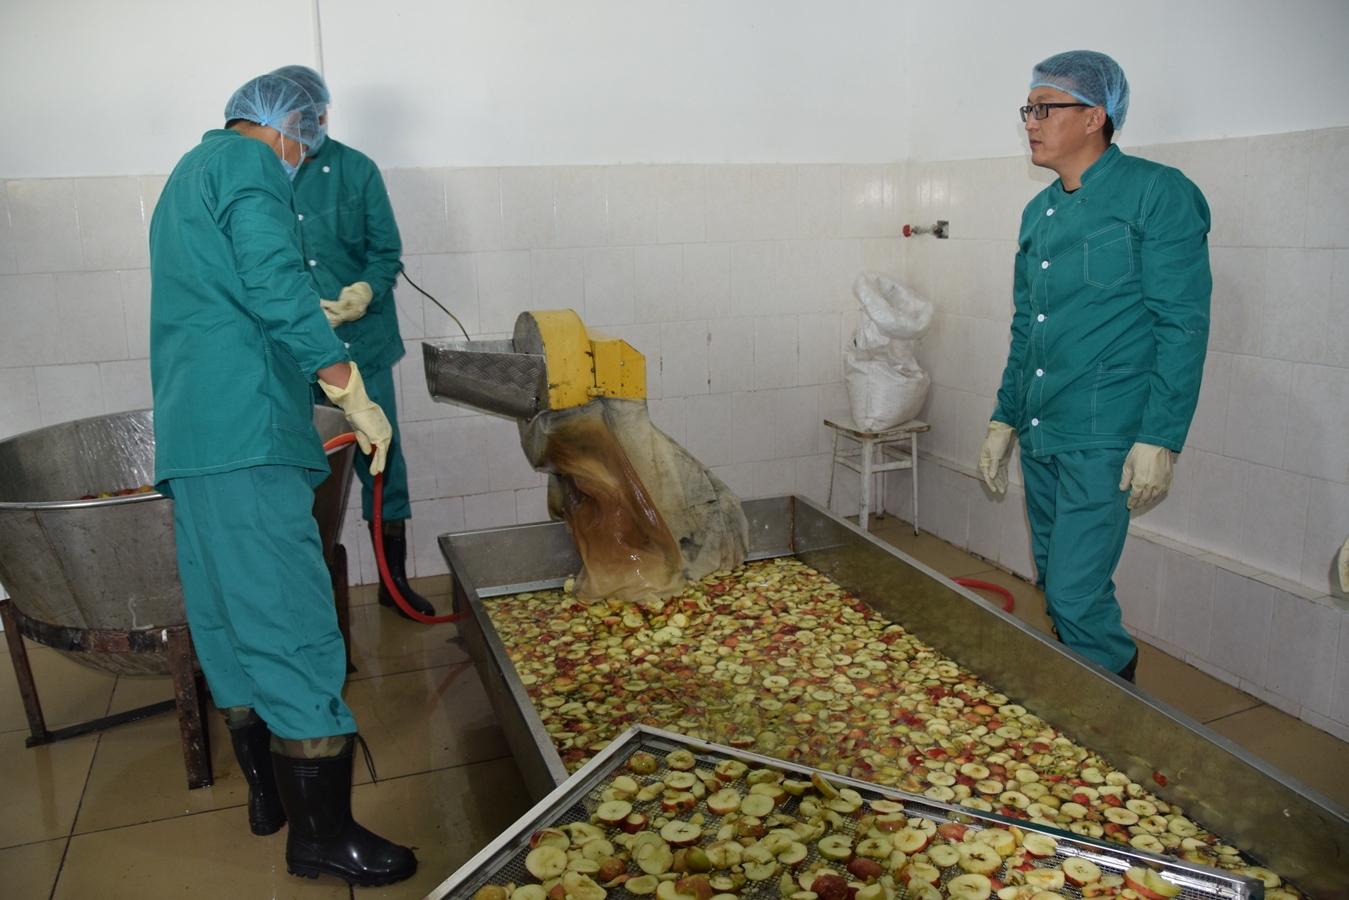 USAID koʻmagi ostida faoliyat yuritayotgan zavodlar Qirgʻiz fermerlariga mahsulotlarini qayta ishlash va eksport qilishda yordam bermoqda